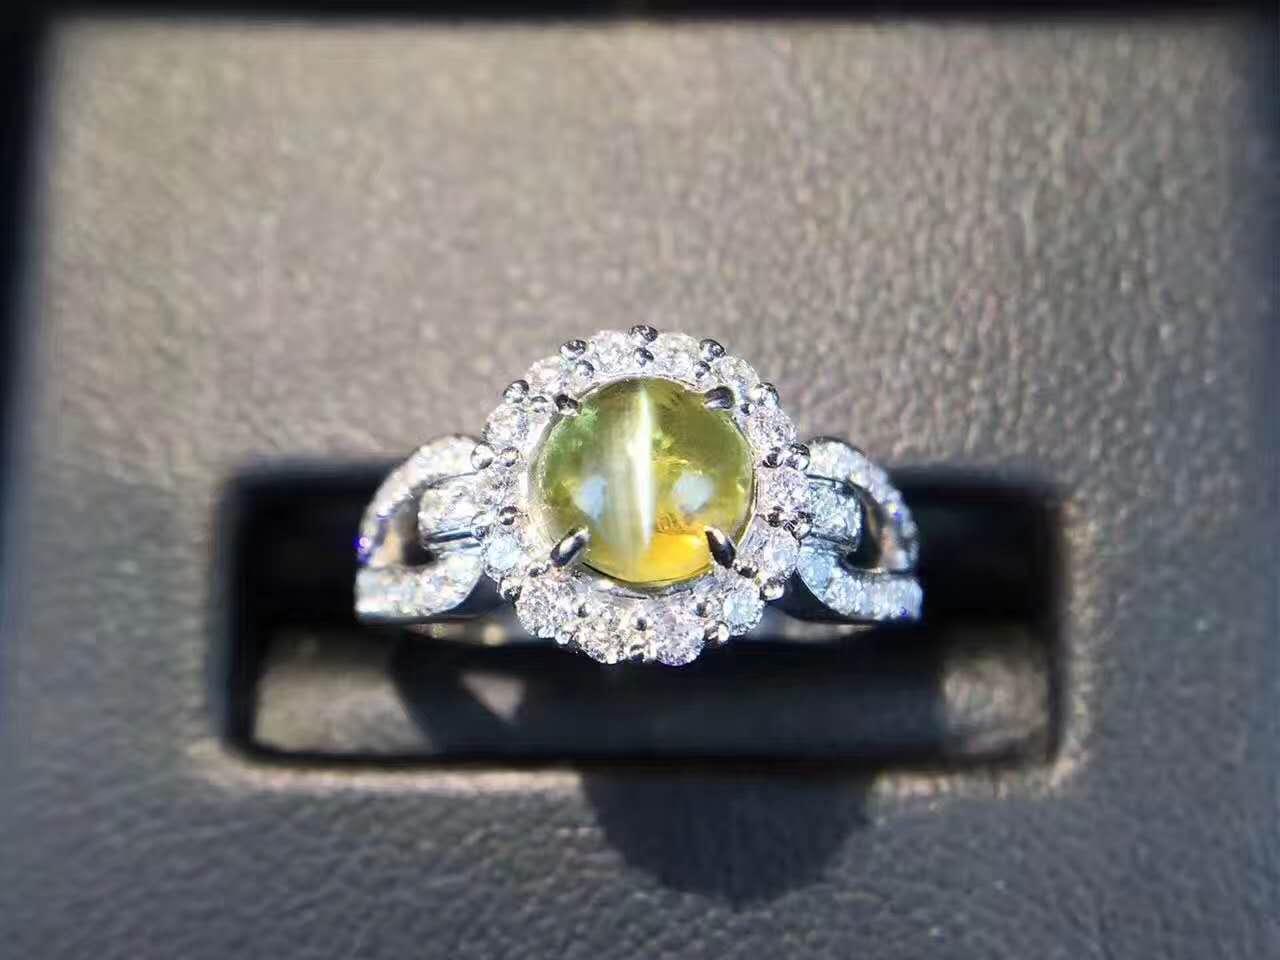 五大宝石中具有光学效应的宝石不止星光宝石哦,还有猫眼宝石